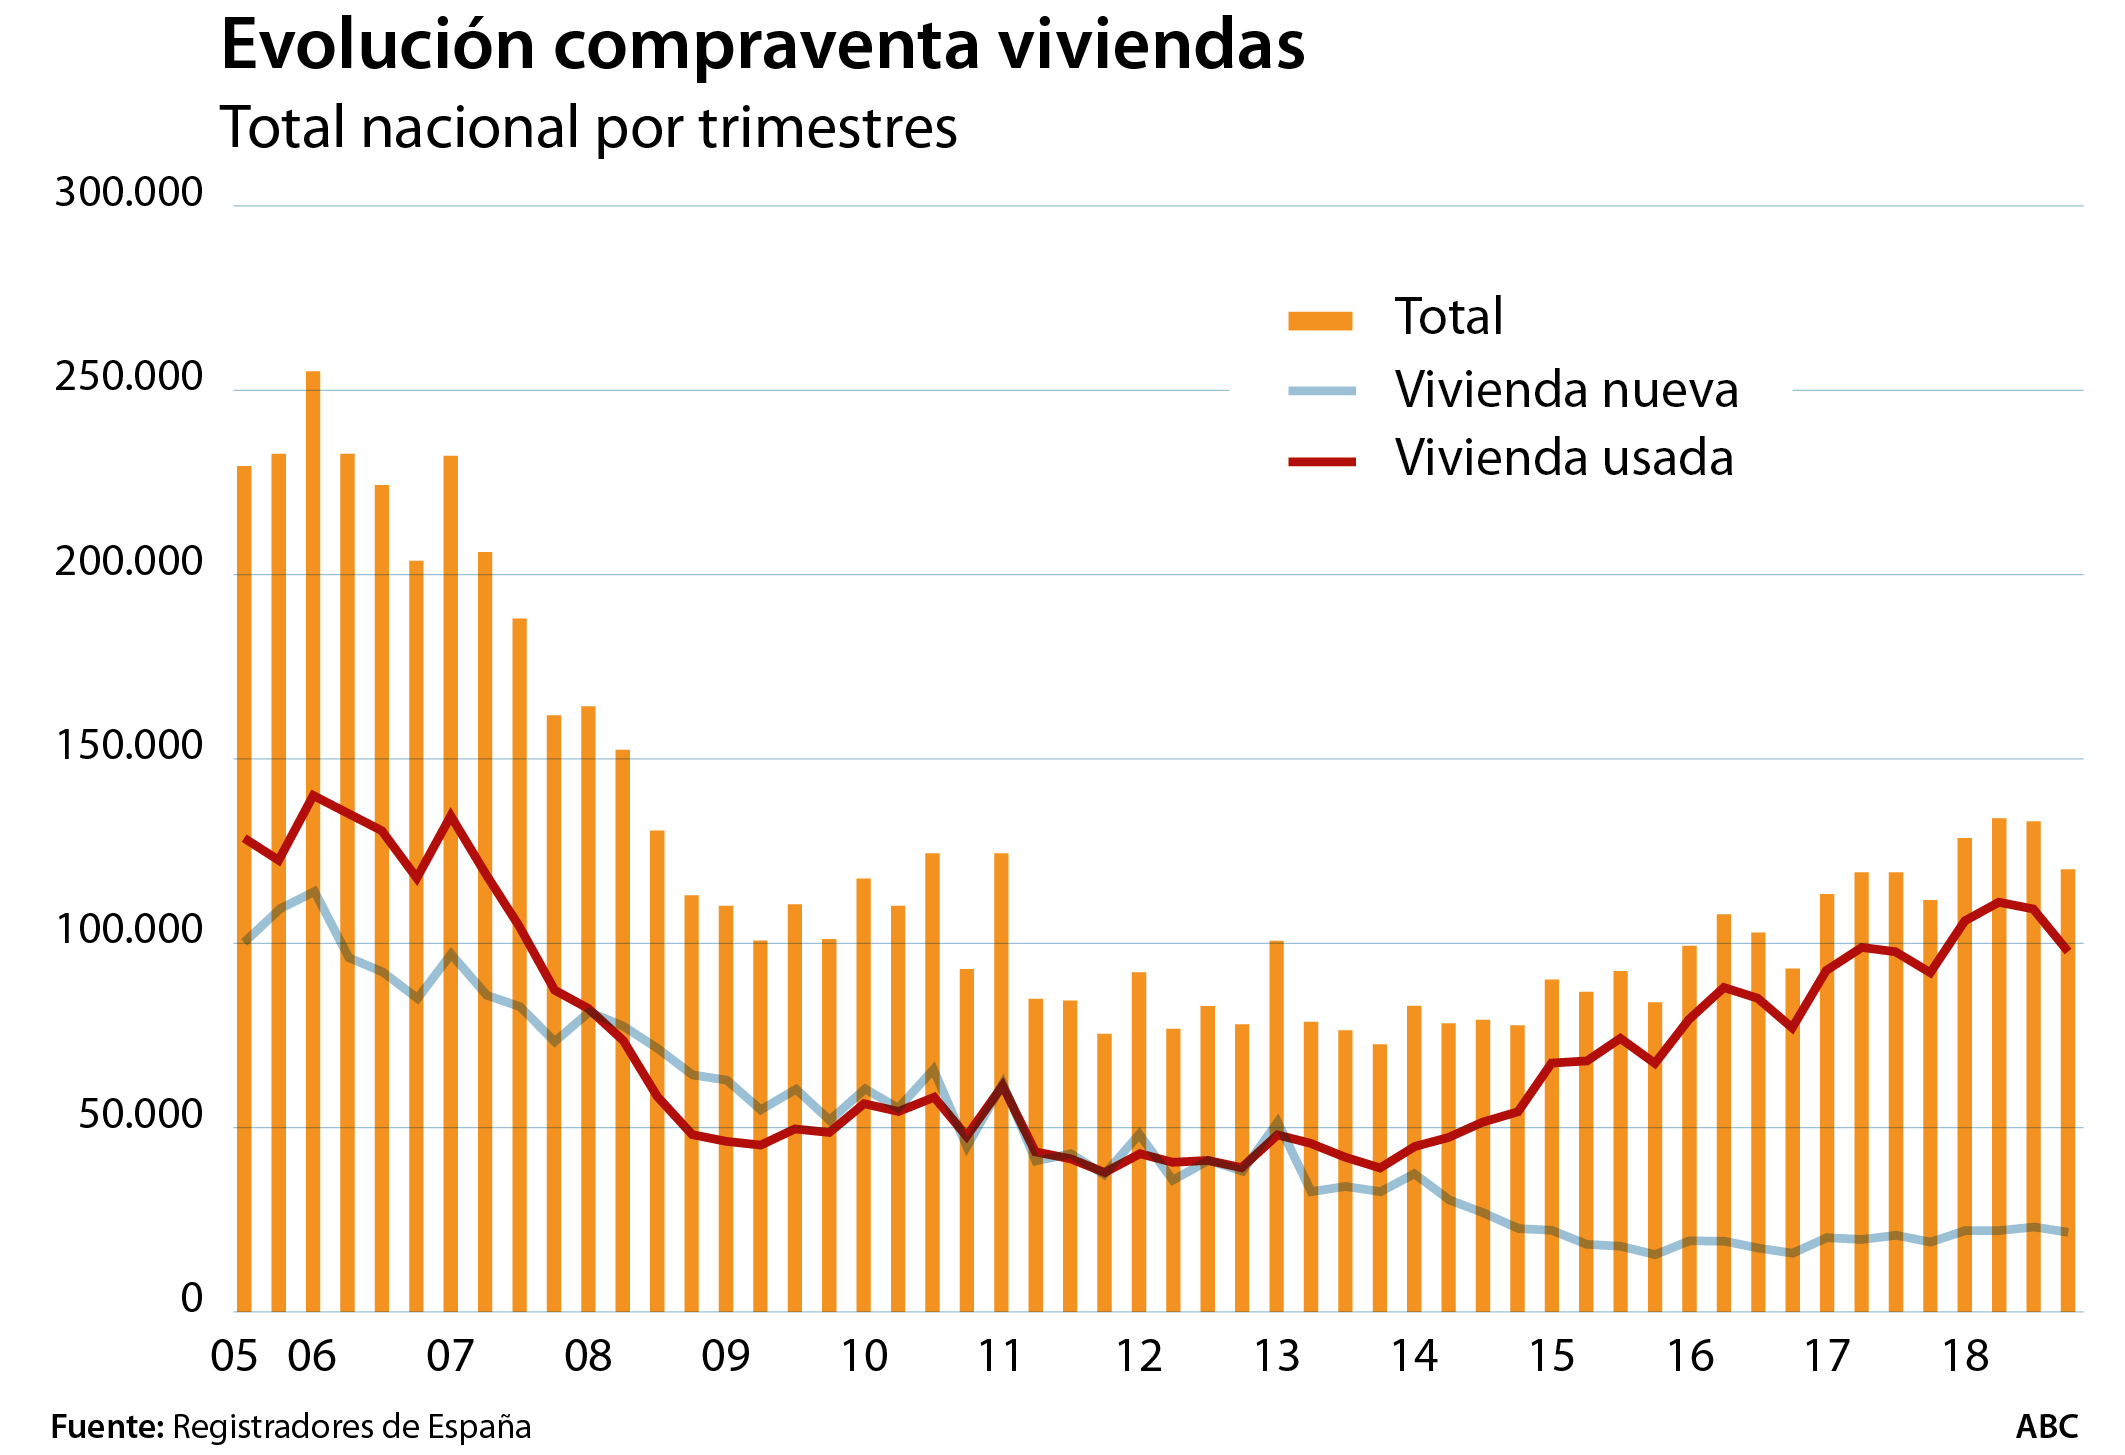 Por comunidades autónomas, todas las regiones han incrementado las compraventas interanuales respecto al trimestre precedente, salvo Baleares (-0,1%)